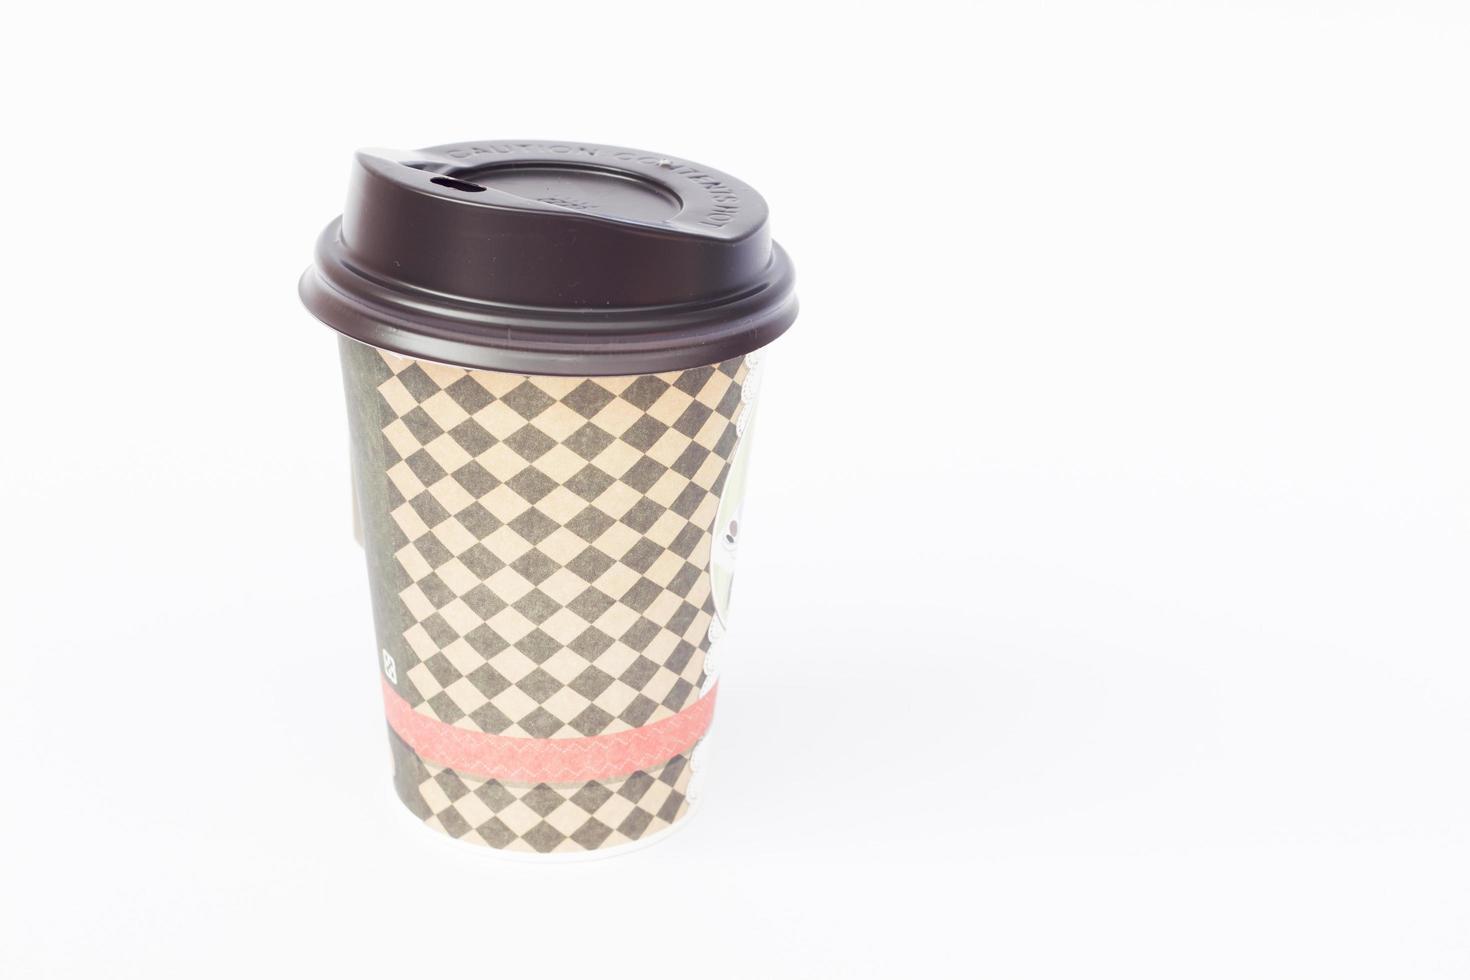 Kaffeetasse zum Mitnehmen foto